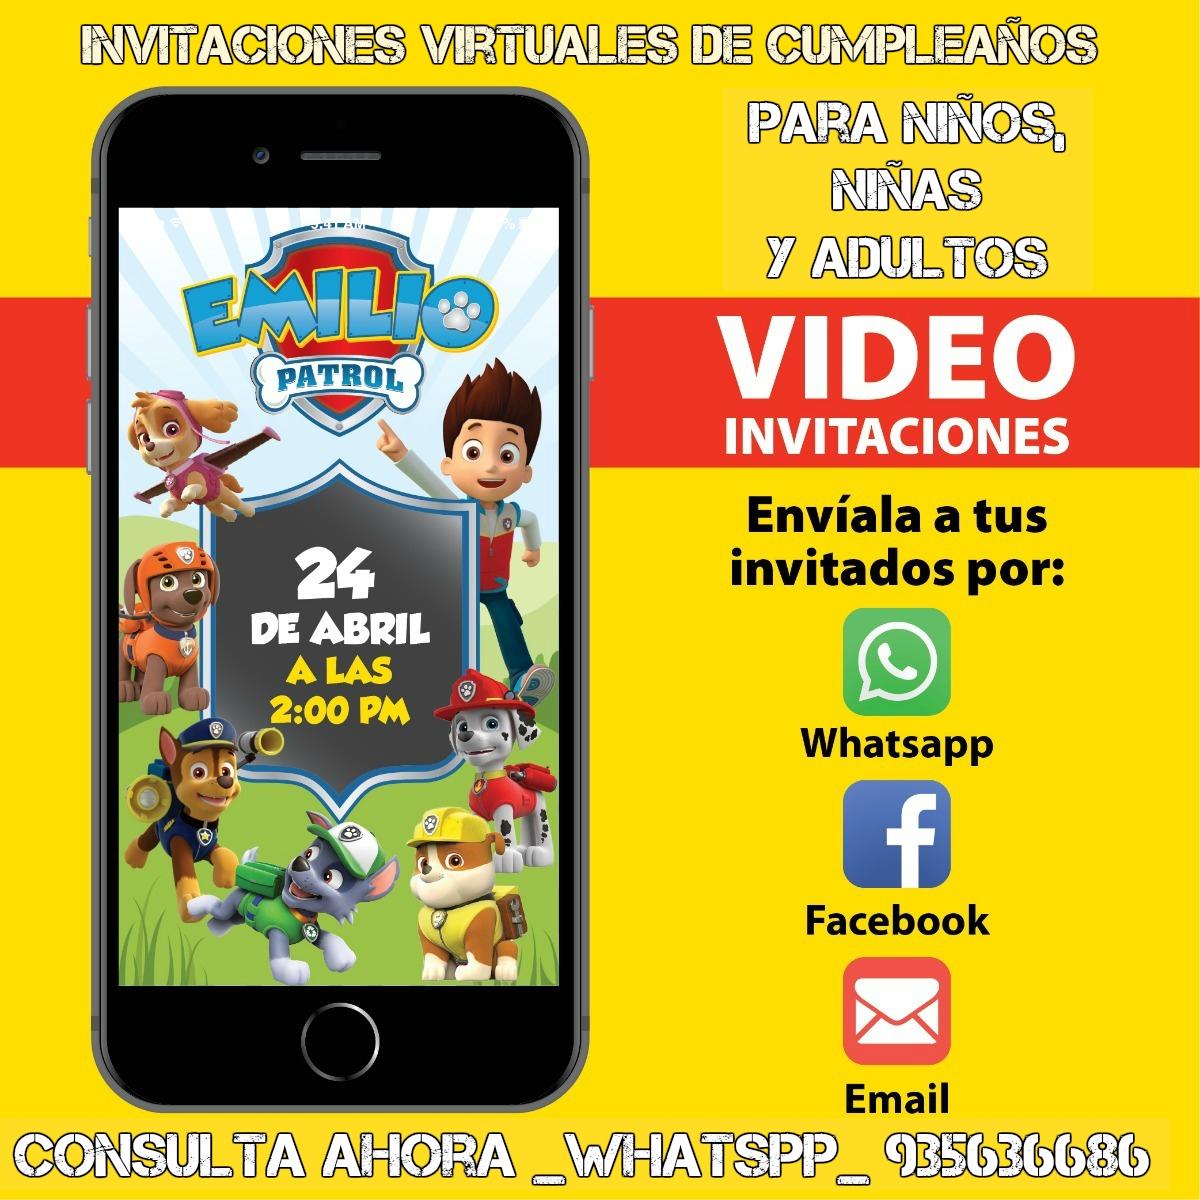 Diseño y edición de invitaciones animadas en video